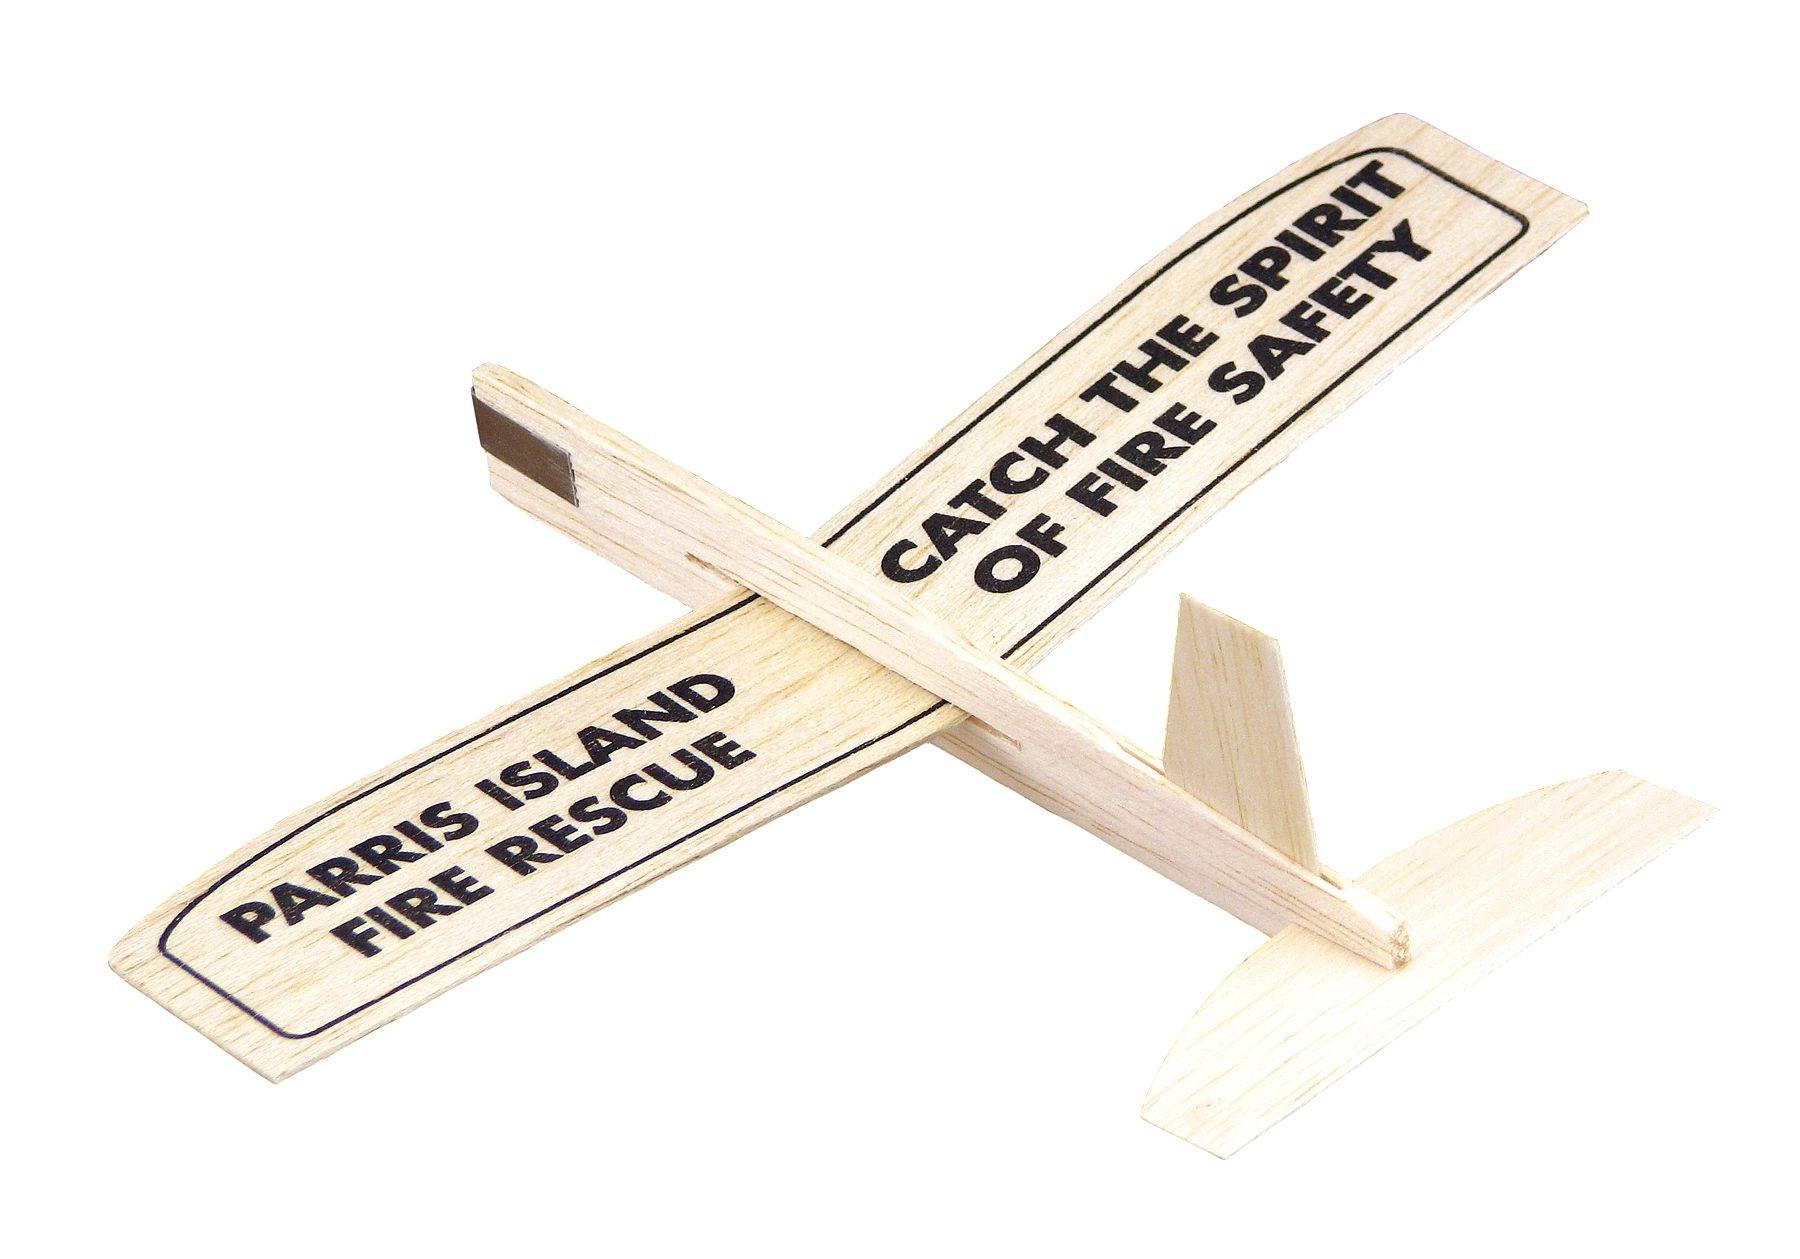 Balsawood Glider